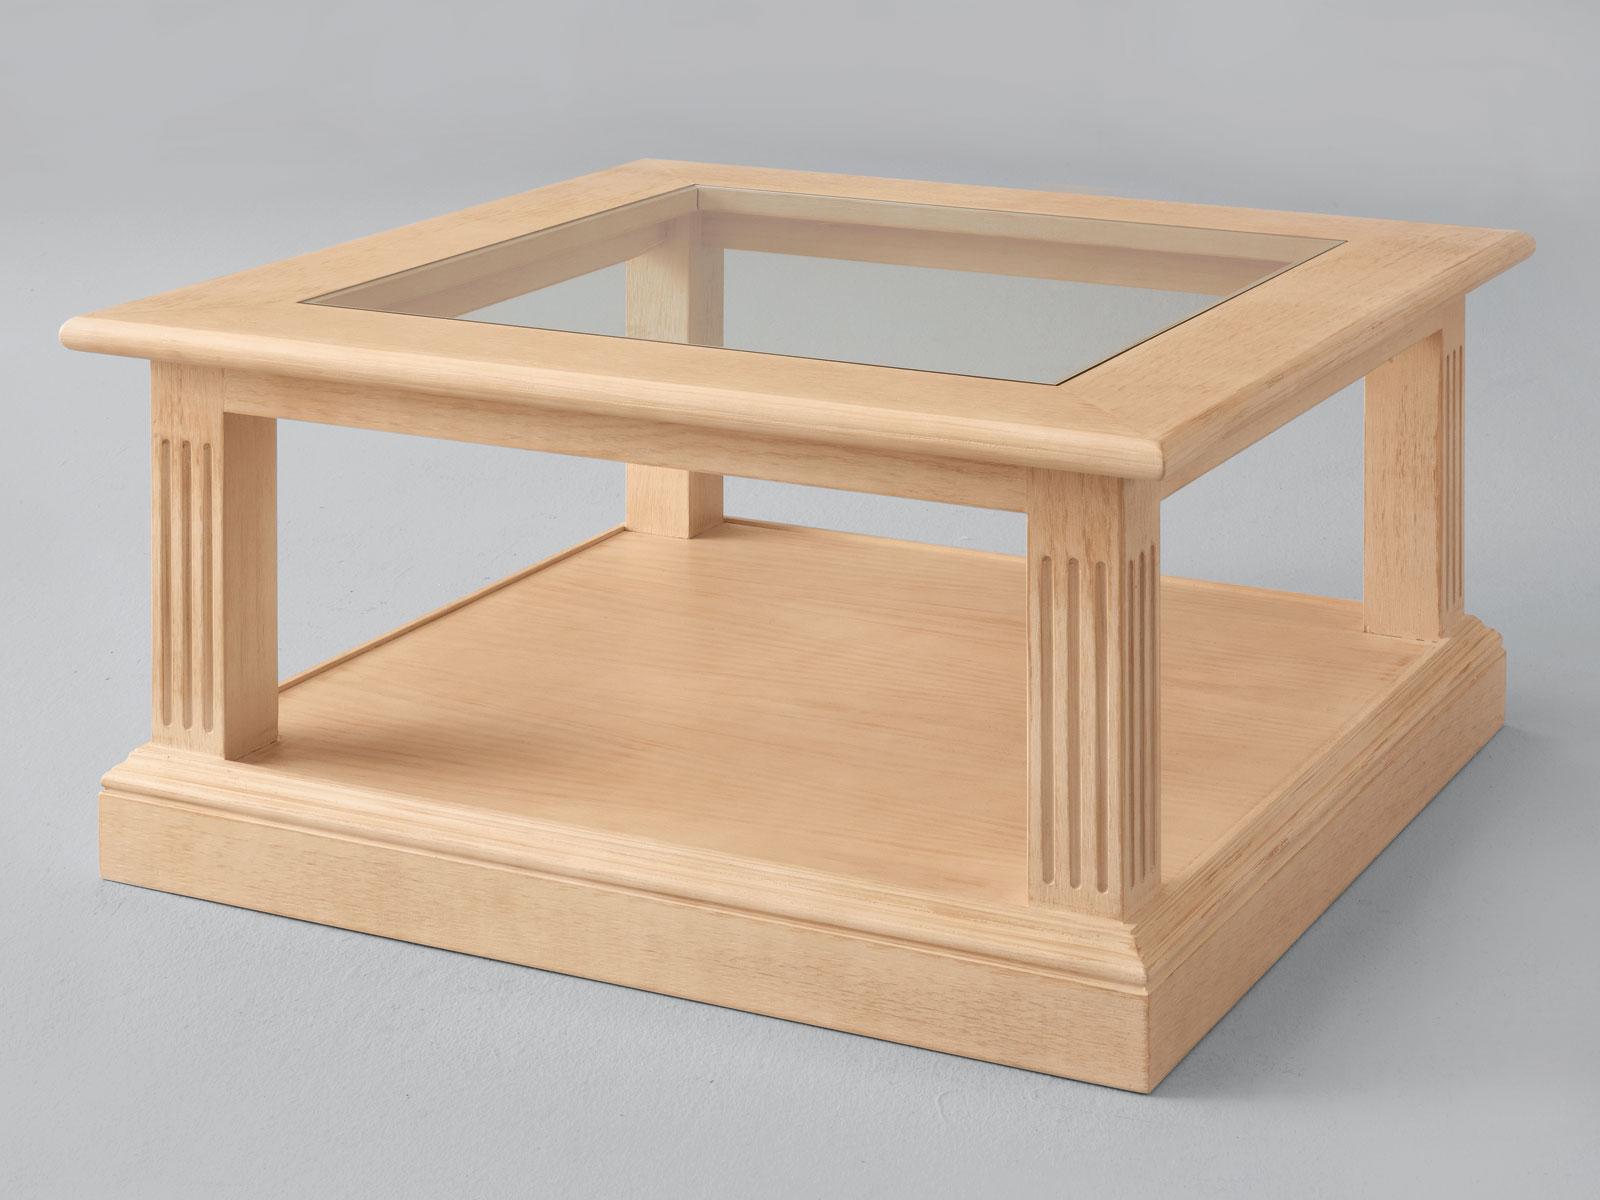 Couchtisch Wohnzimmer-Tisch Casapino quadratisch mit Glasplatte 90 x 90 cm  Pinie massiv